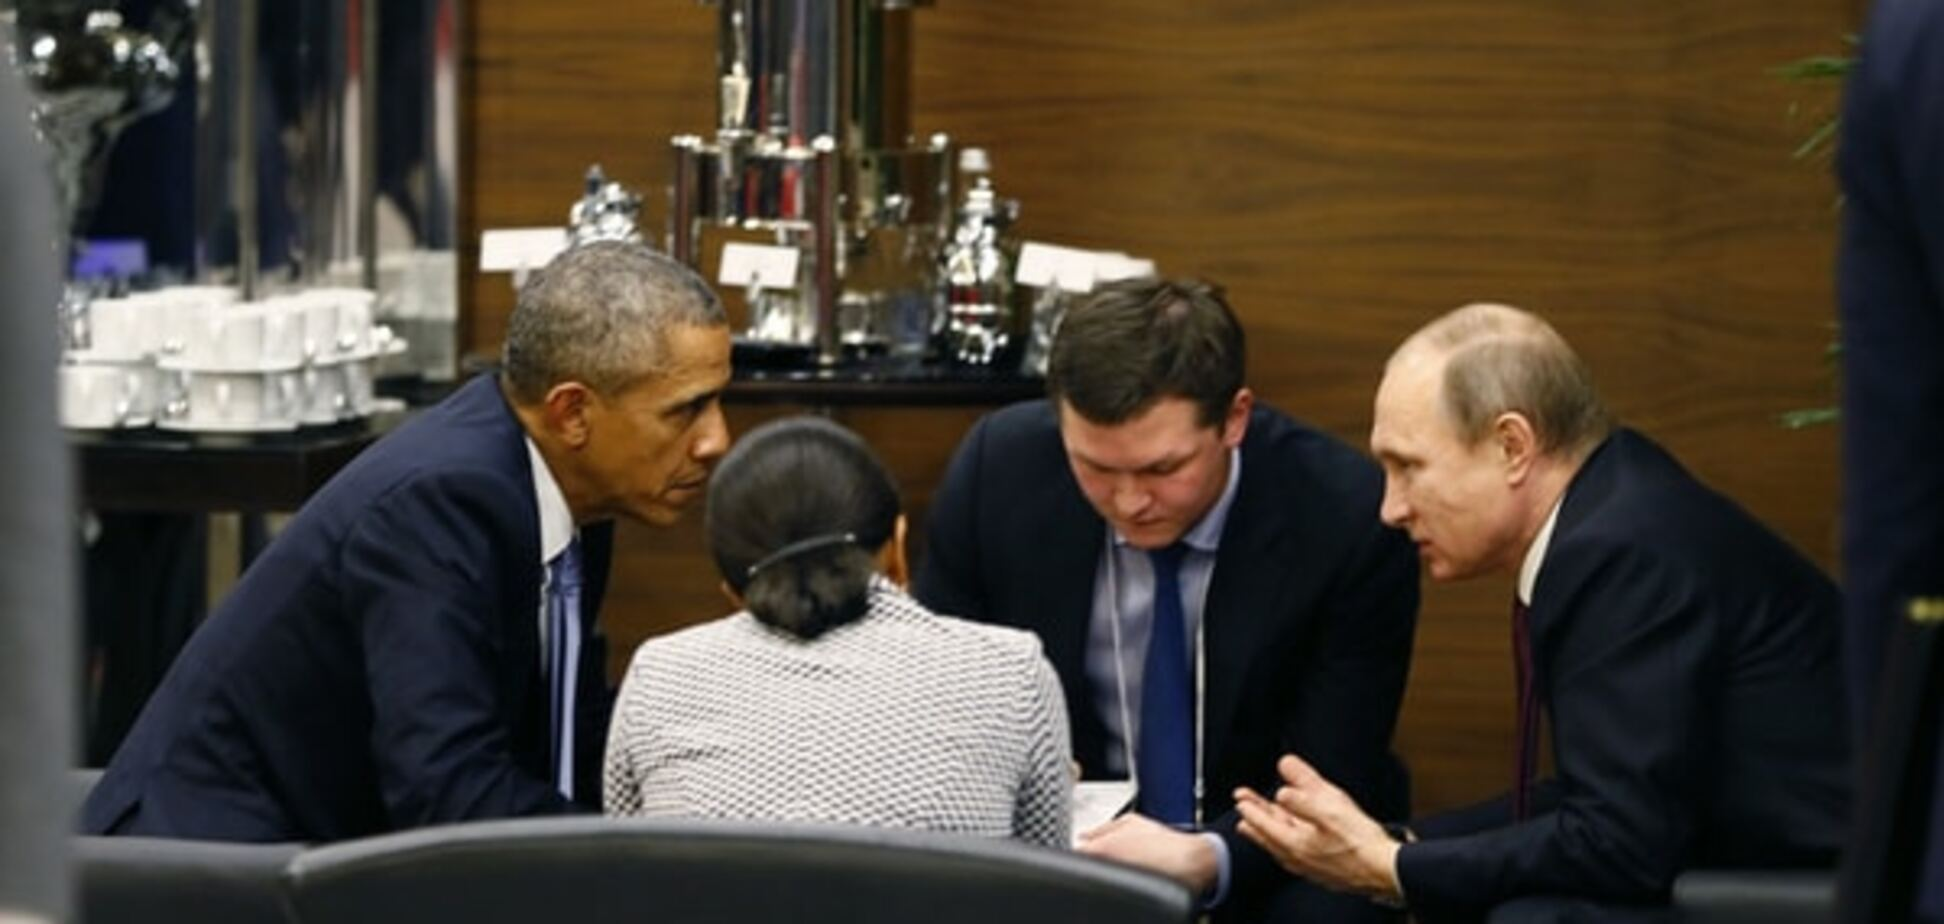 Після атак у Парижі: Обама на саміті G-20 зробив Путіну пропозицію